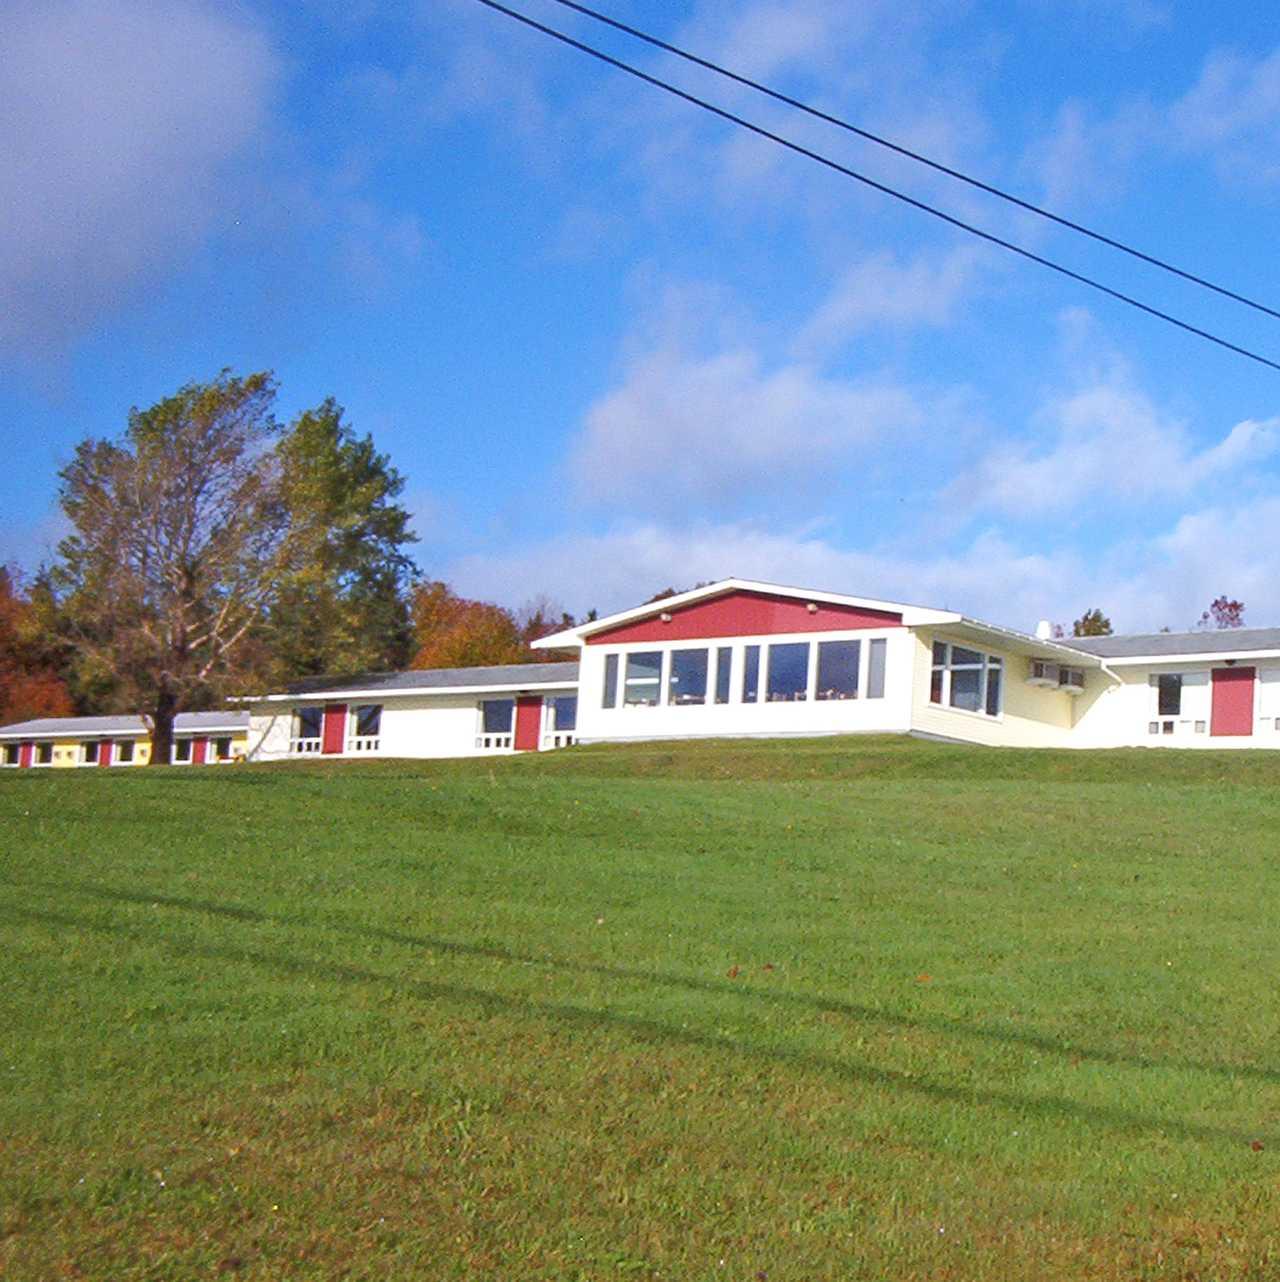 Hotel Nova Scotia Cabot Trail Motel Canusa border=